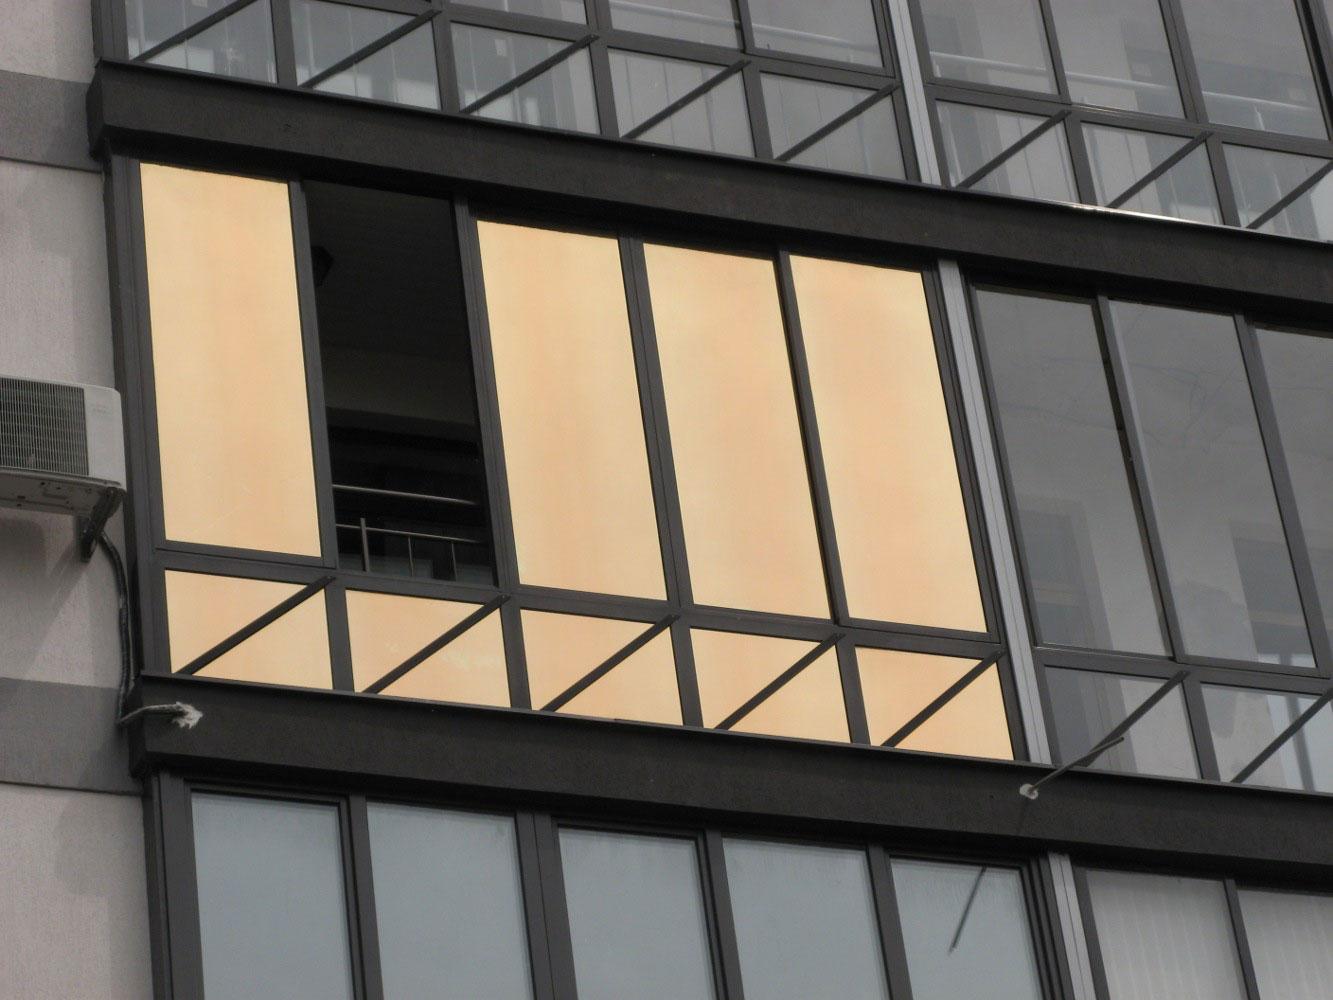 Тонировка окон на балконе (стекол) пленкой в москве.